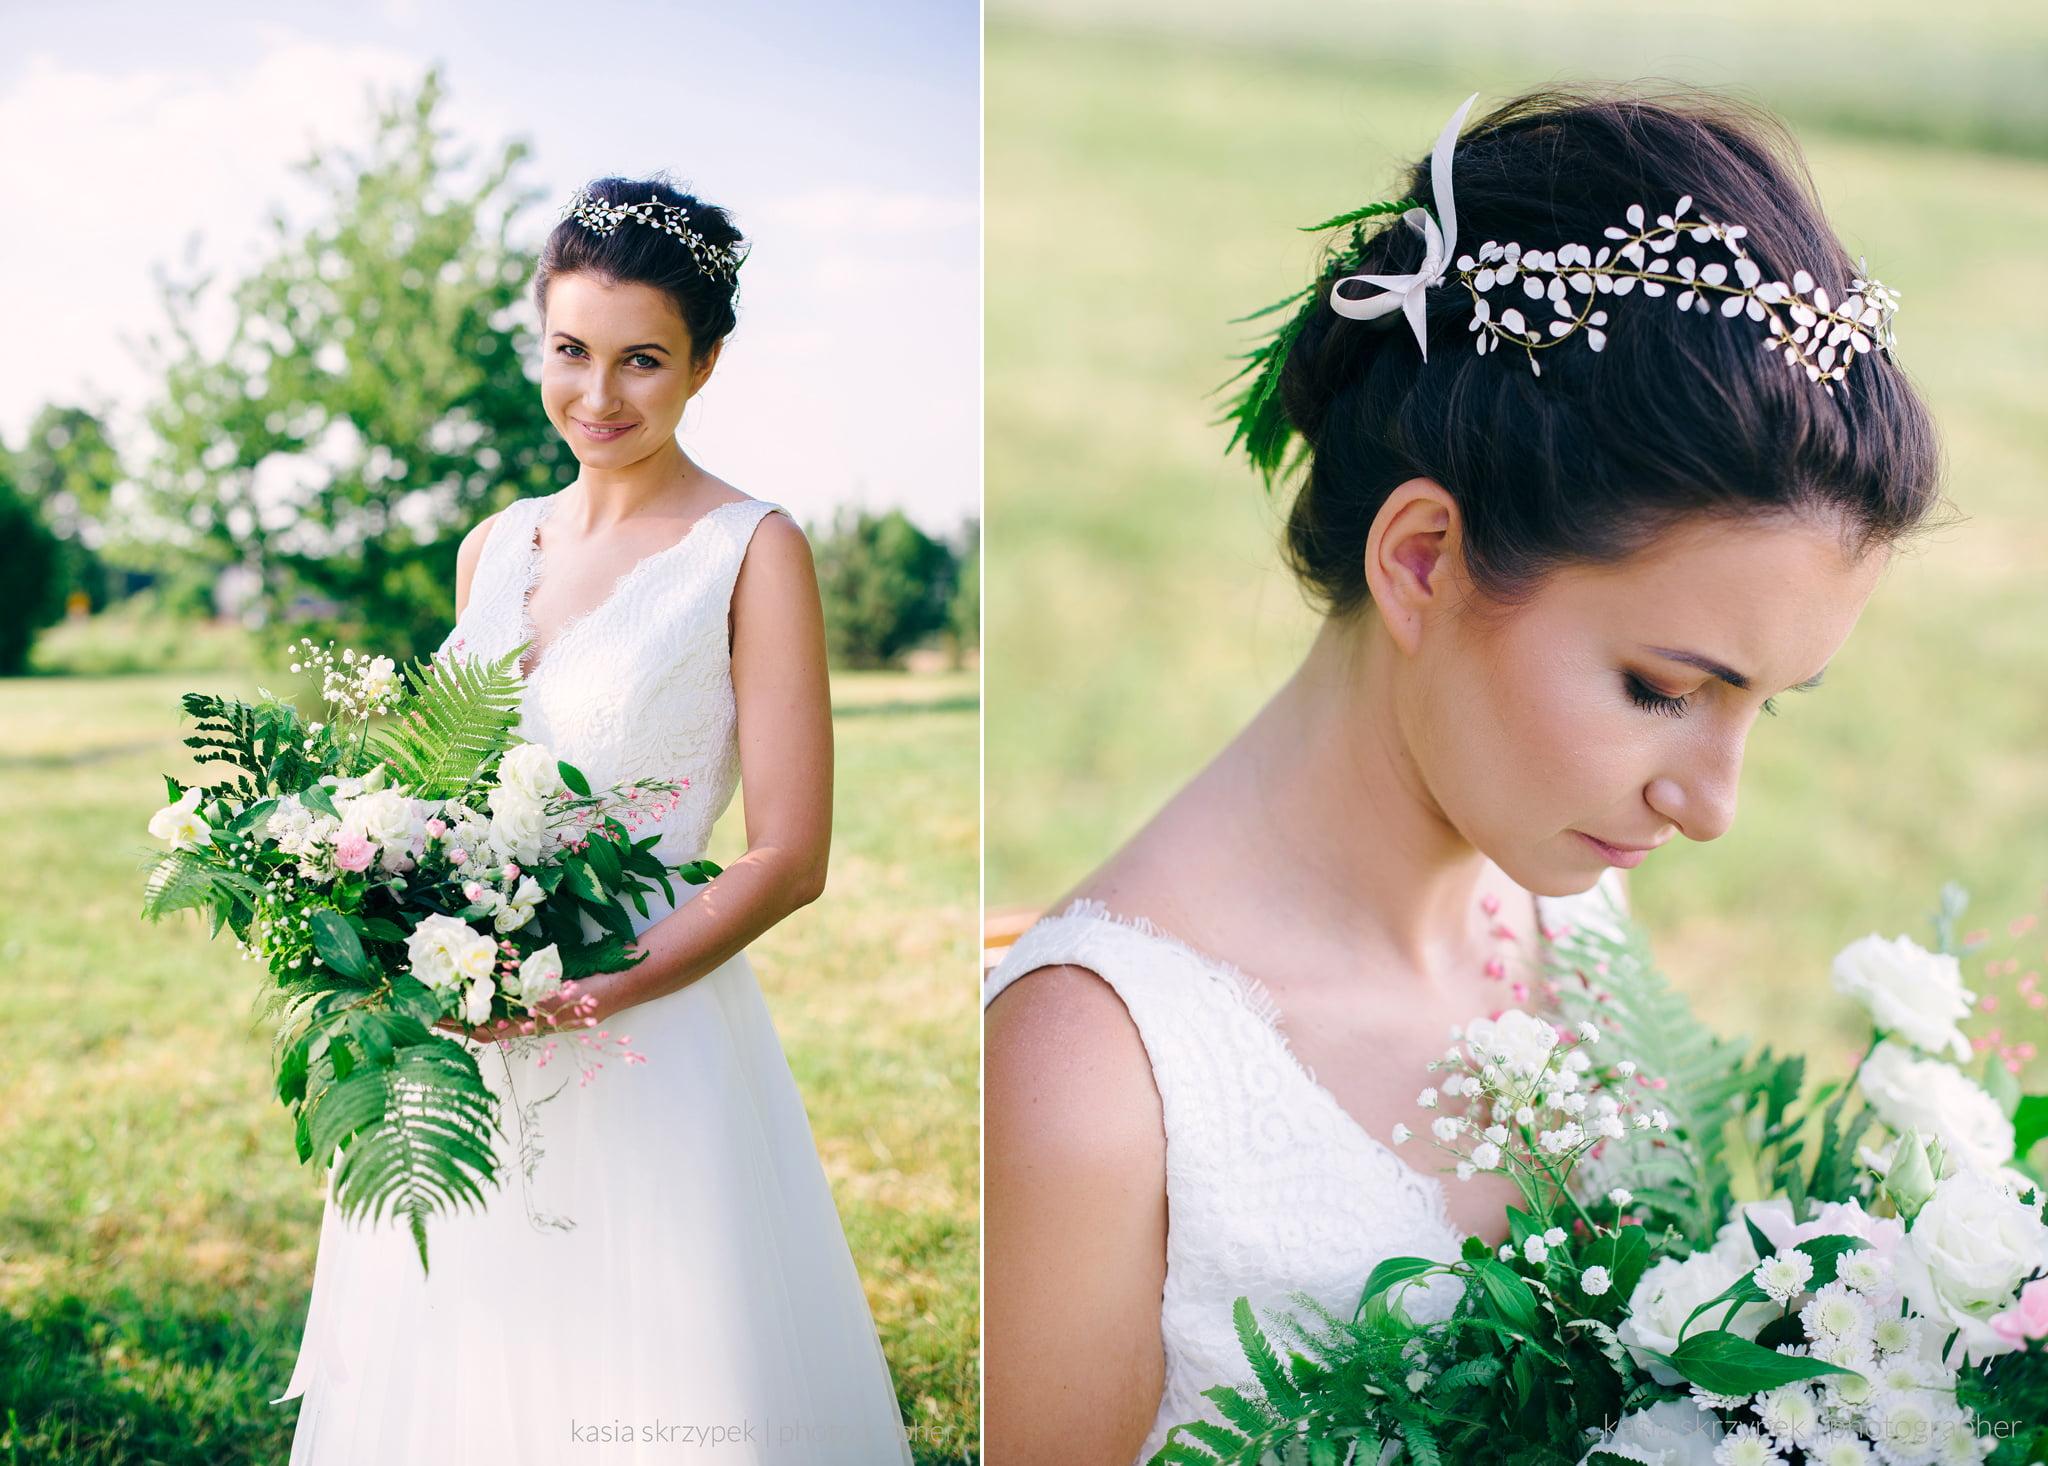 Blog-Botanical-Wedding-Styled-Shoot-05